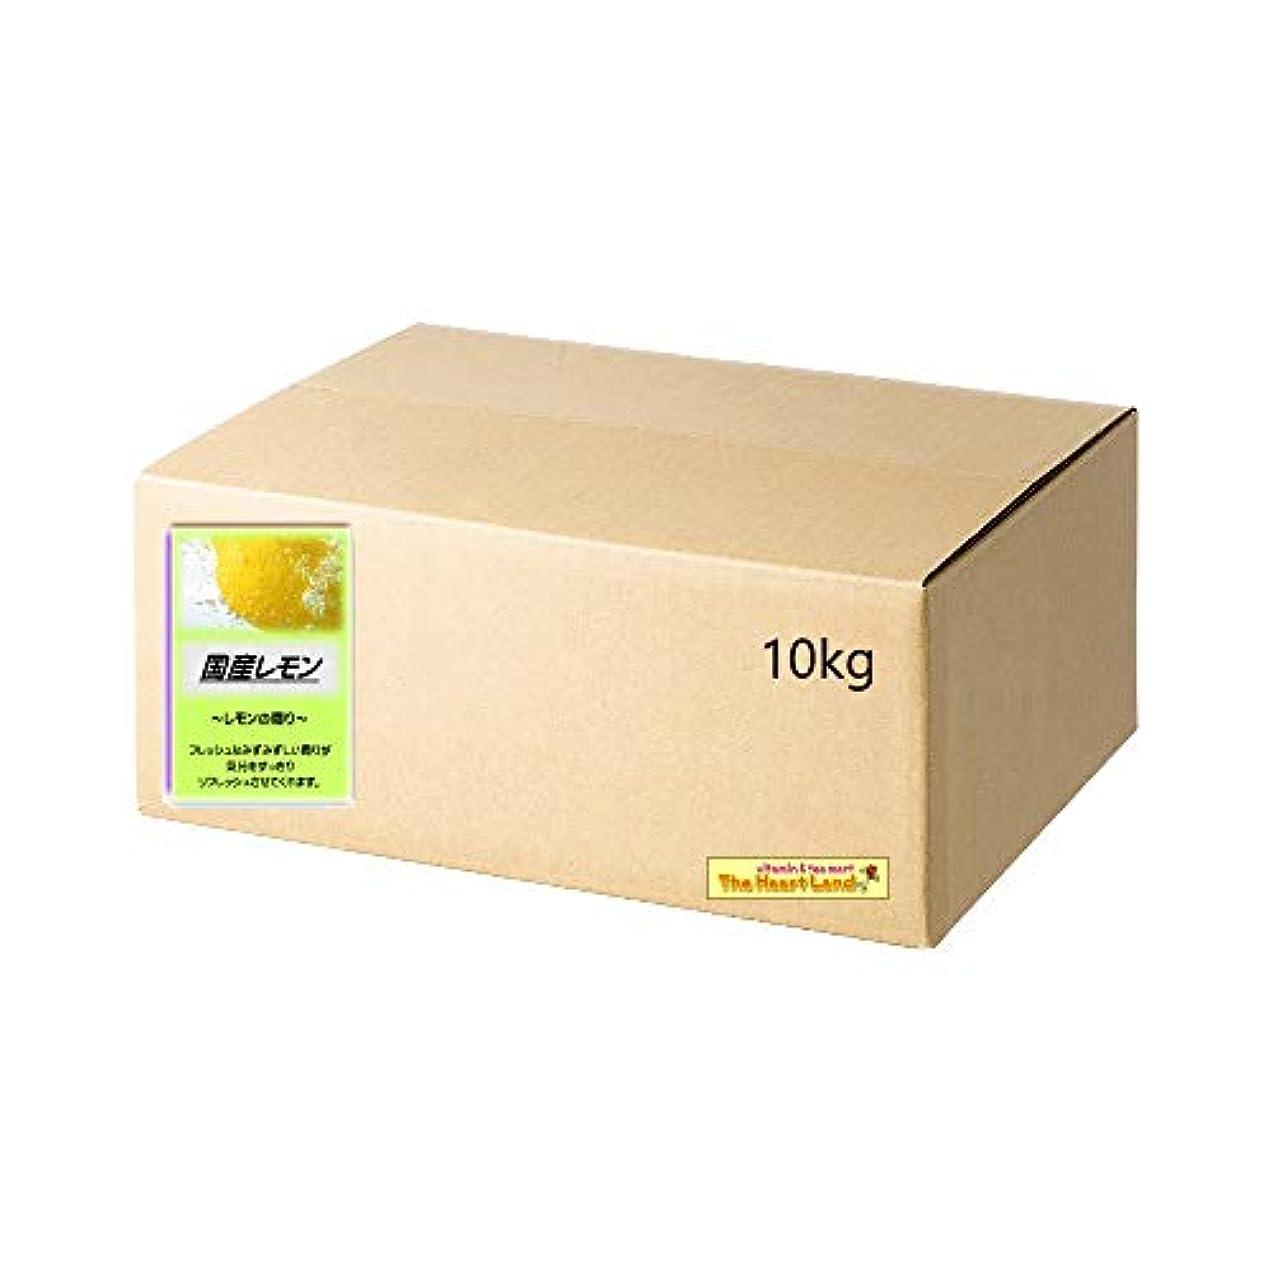 周りコモランマスナップアサヒ入浴剤 浴用入浴化粧品 国産レモン 10kg